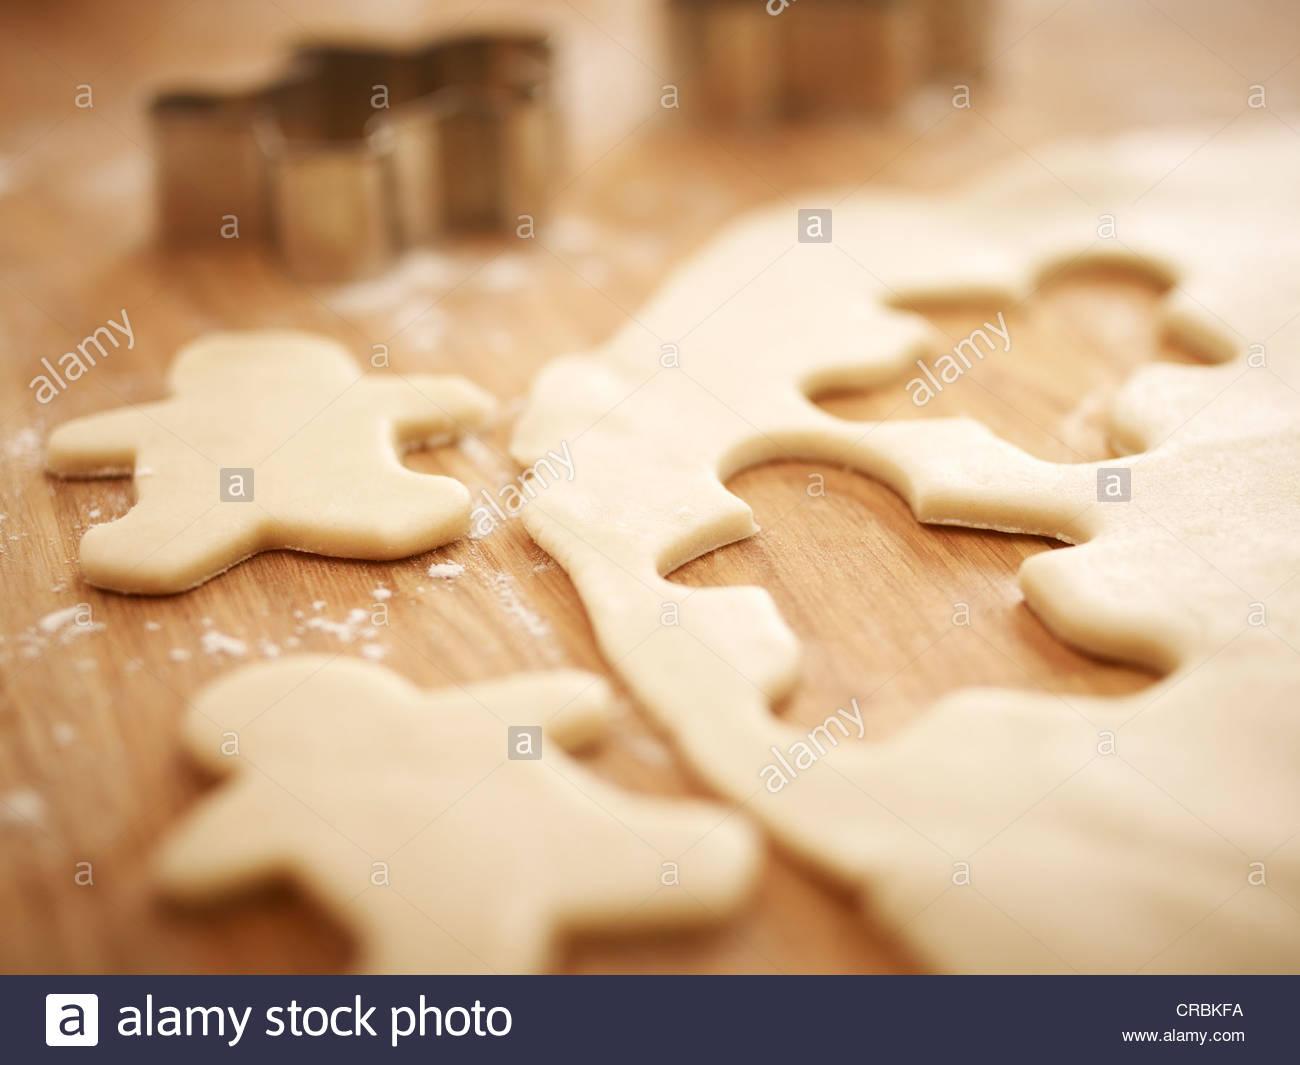 Gli uomini di panpepato pasta biscotto Immagini Stock